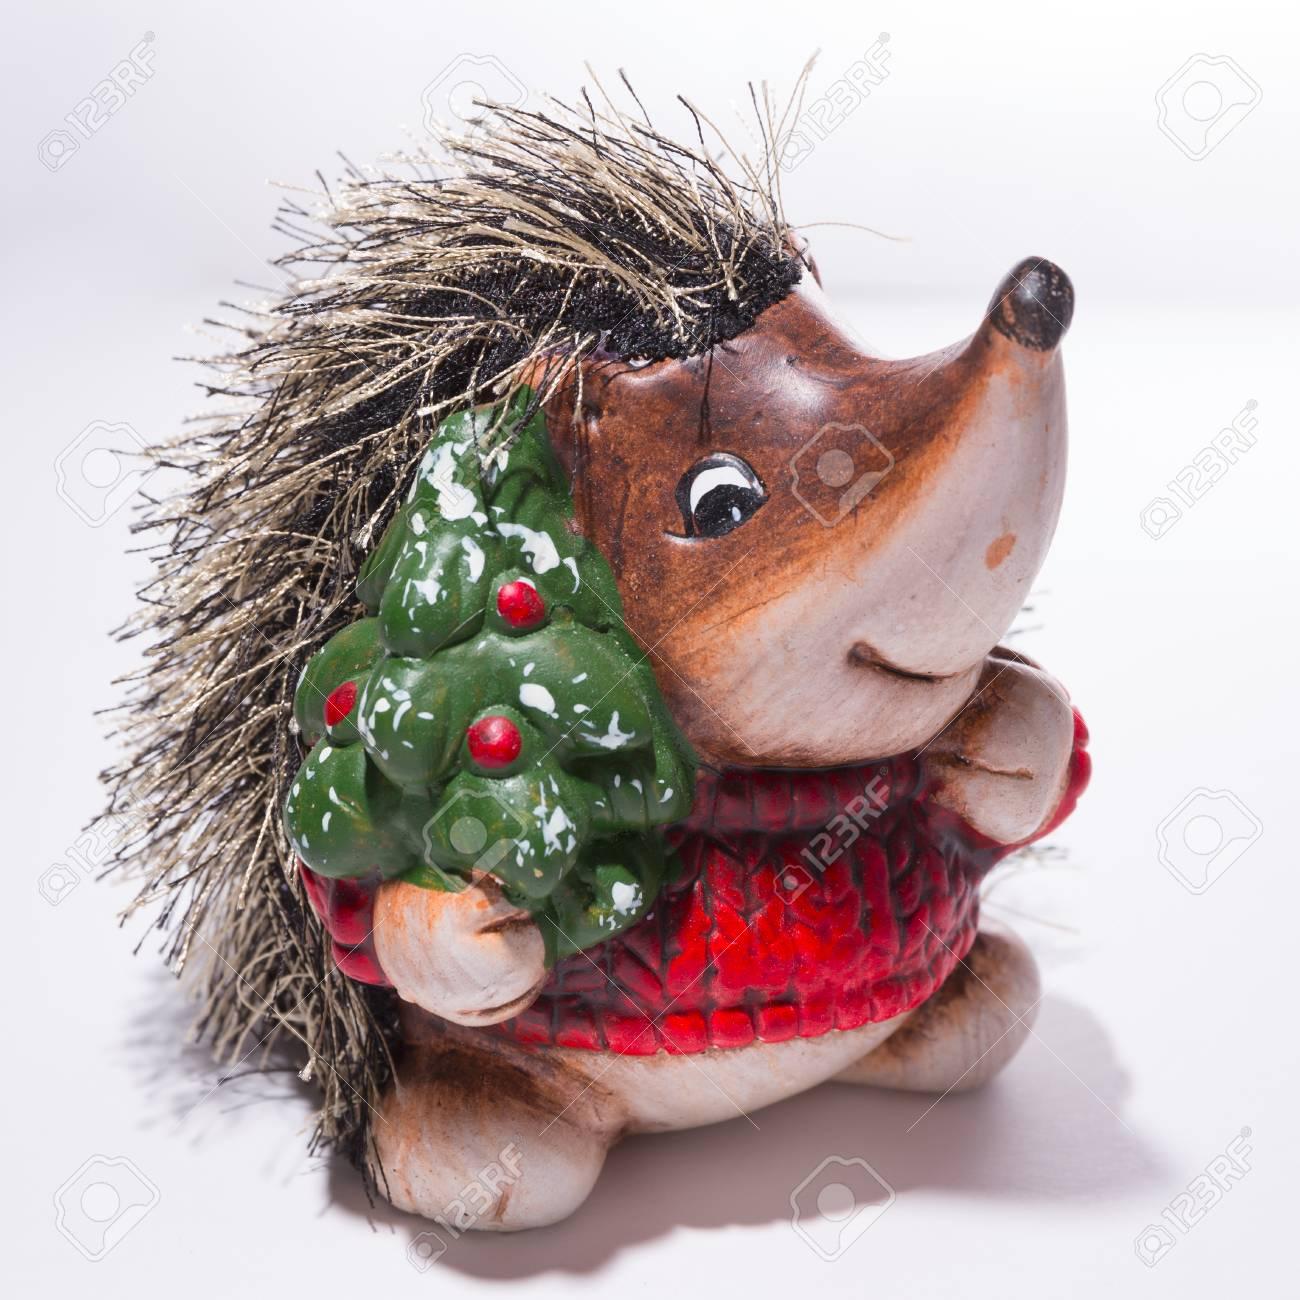 Witte Kersttrui.Beeldje Van Een Egel In Rode Kerst Trui Met Een Kerstboom